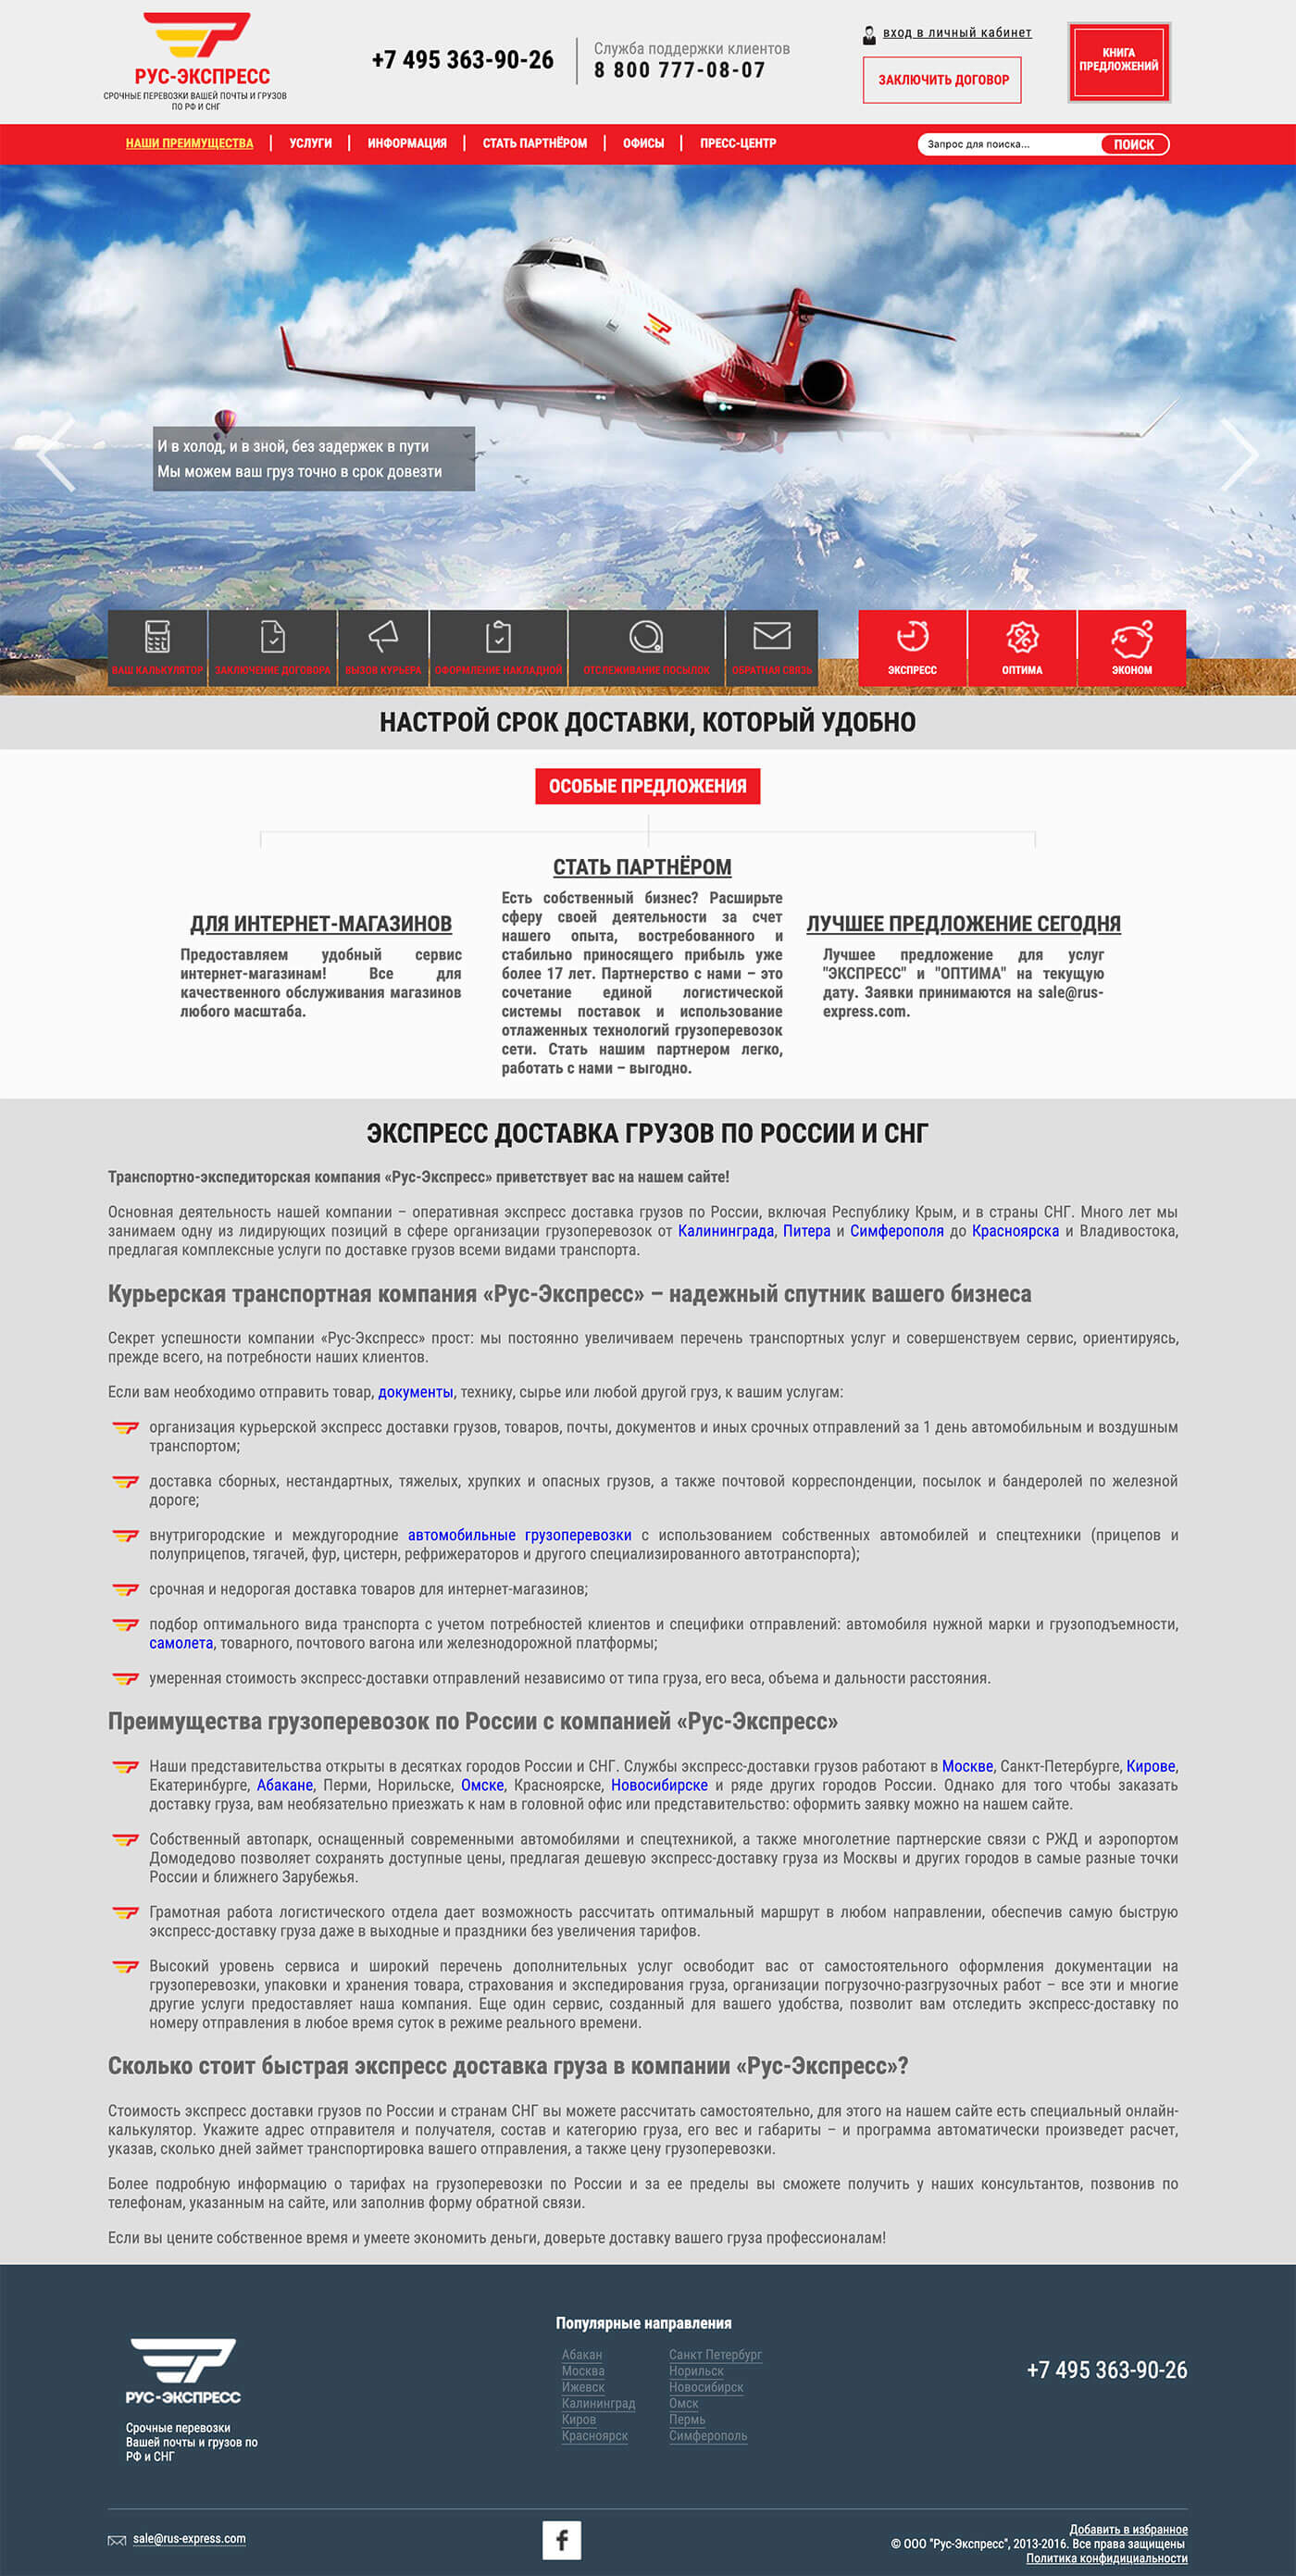 Сайт транспортной компании Рус-Экспресс